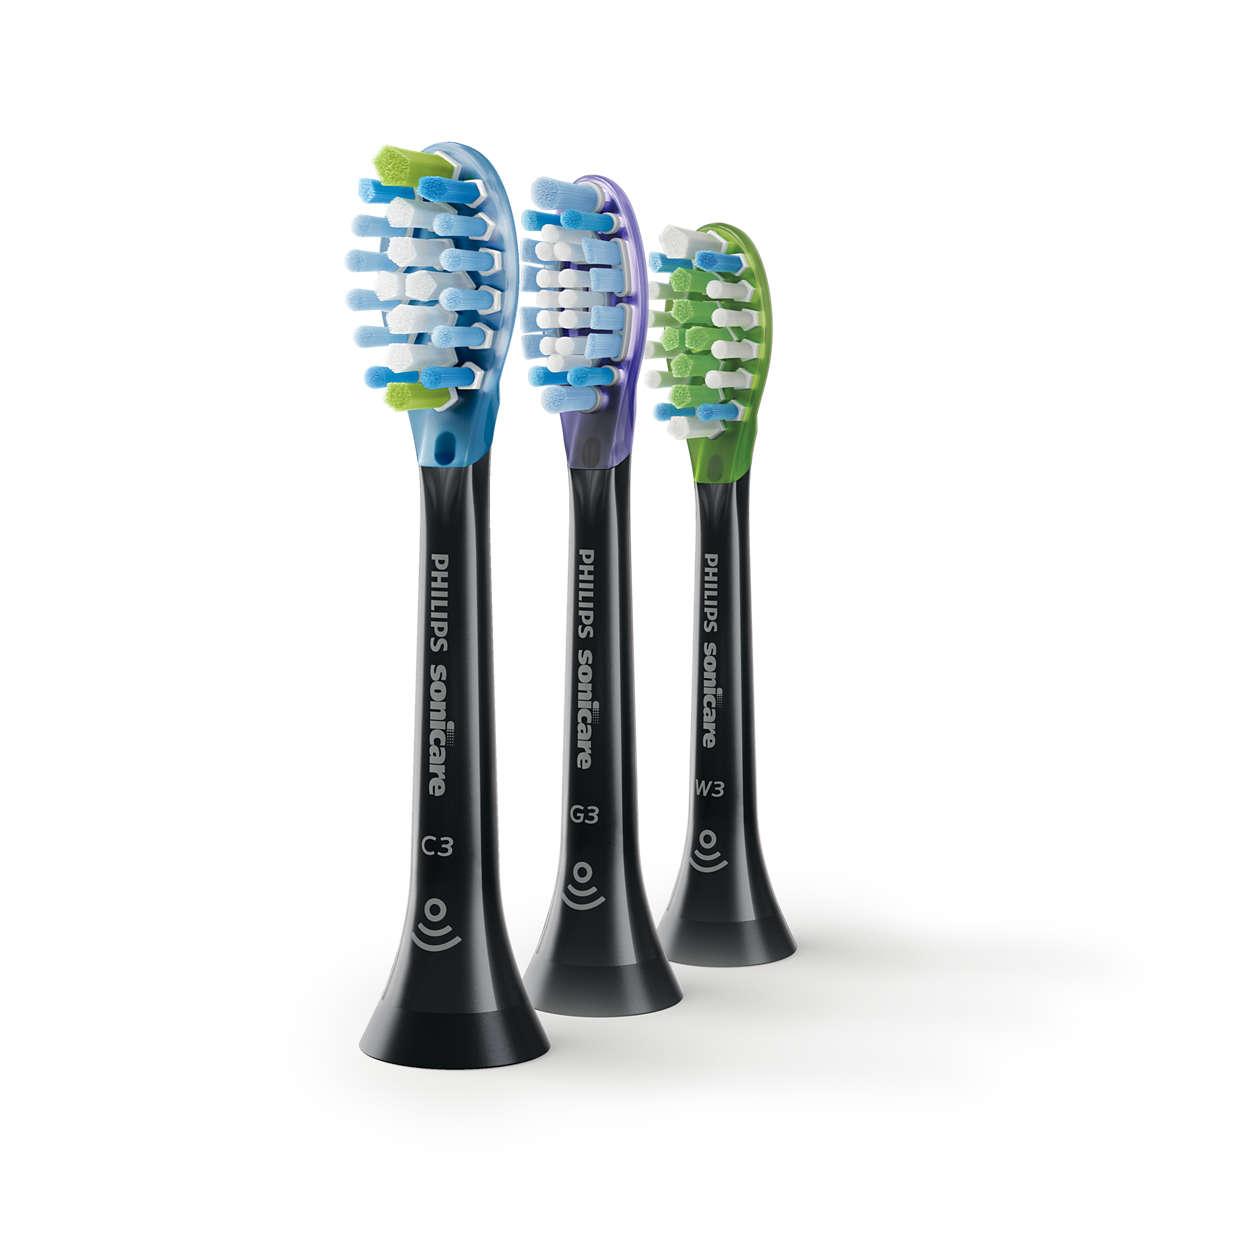 Gilesnis valymas, sveikesnės dantenos ir baltesni dantys